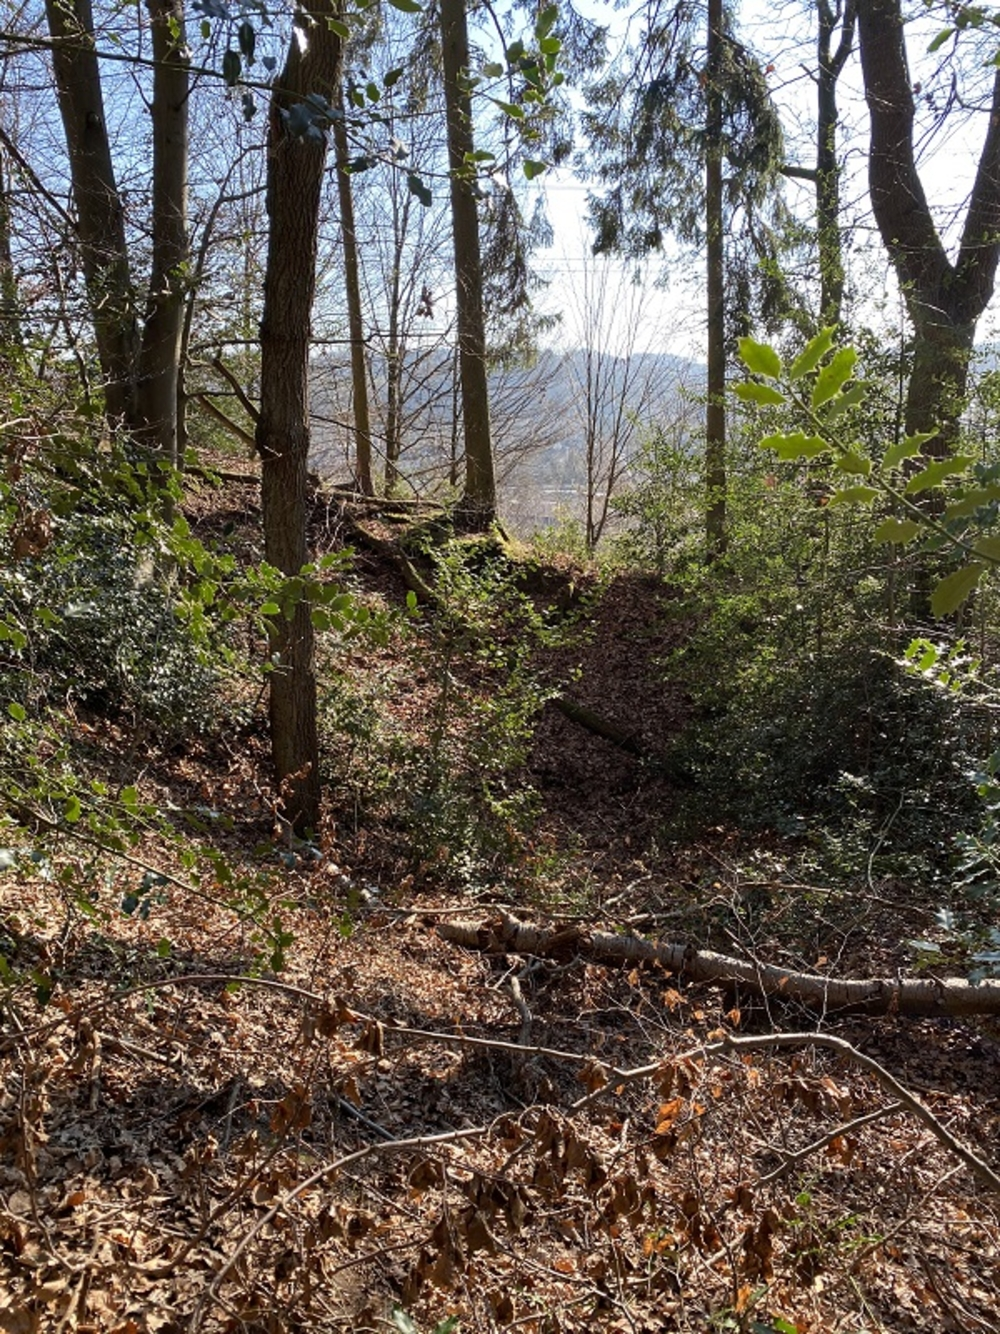 Pinge (trichterförmige Vertiefung durch Bergbau)